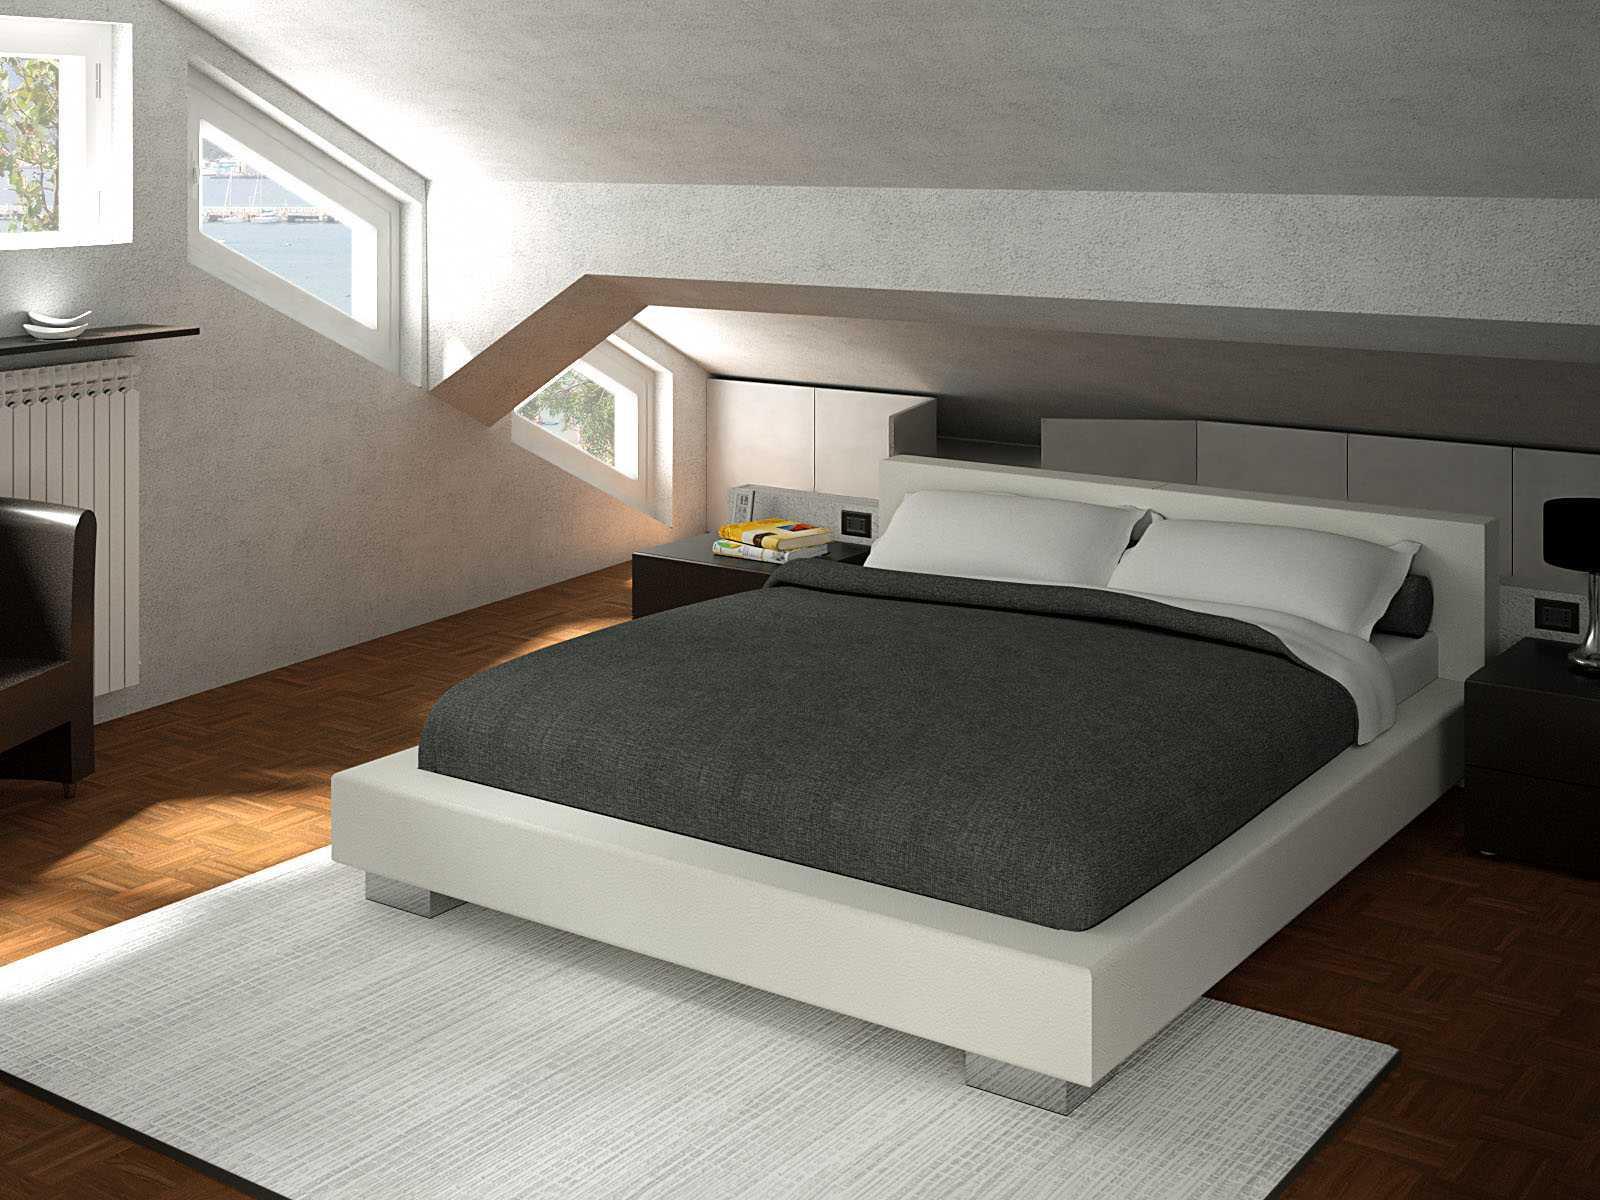 Dachboden Schlafzimmer Schrank